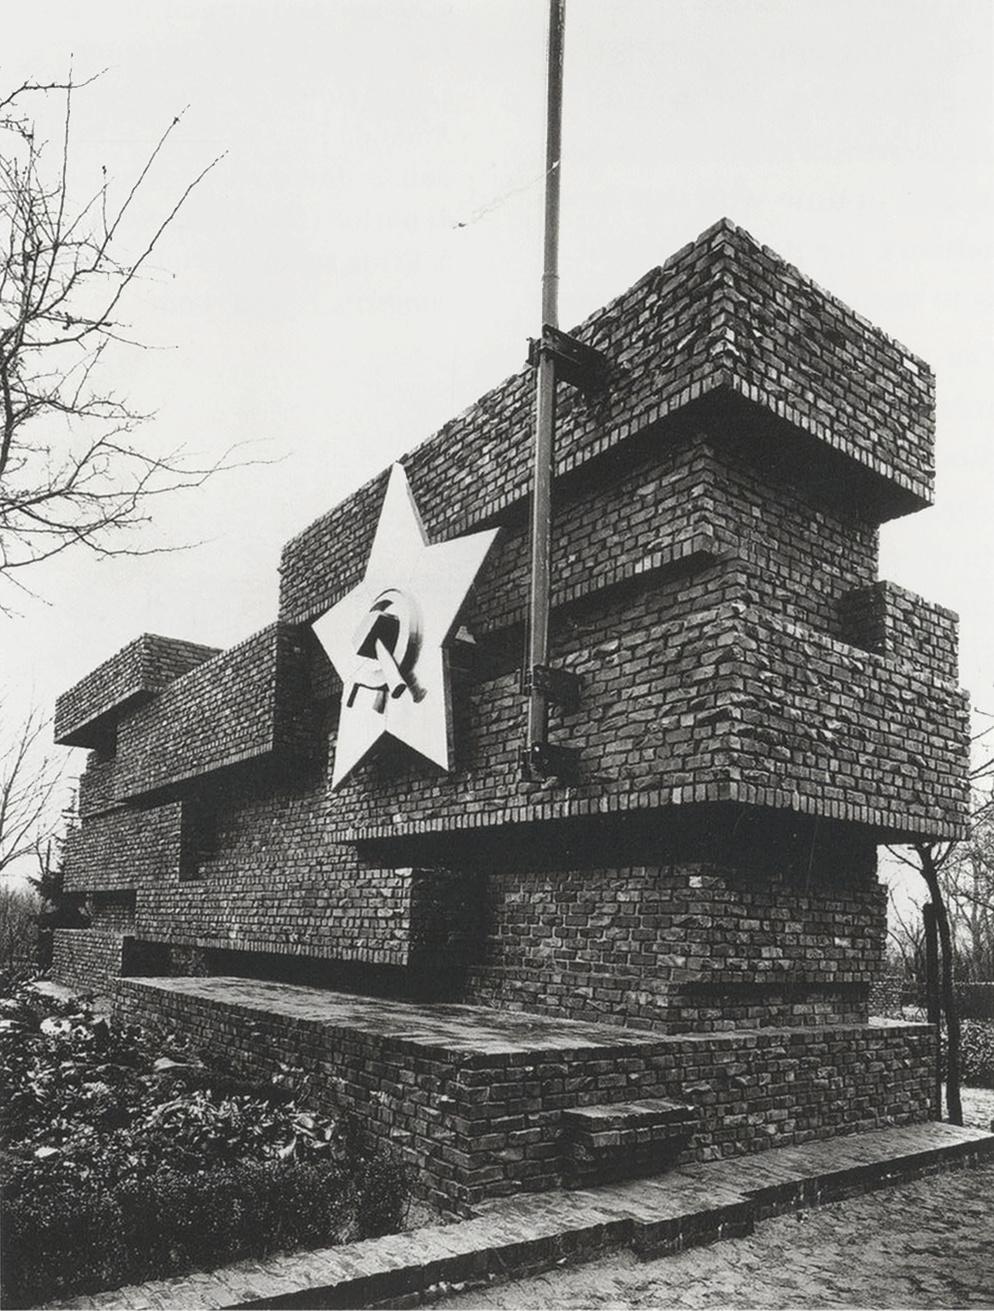 Susanne Priebs Menage à trois Ludwig Mies van der Rohe, Revolutionsdenkmal 1926